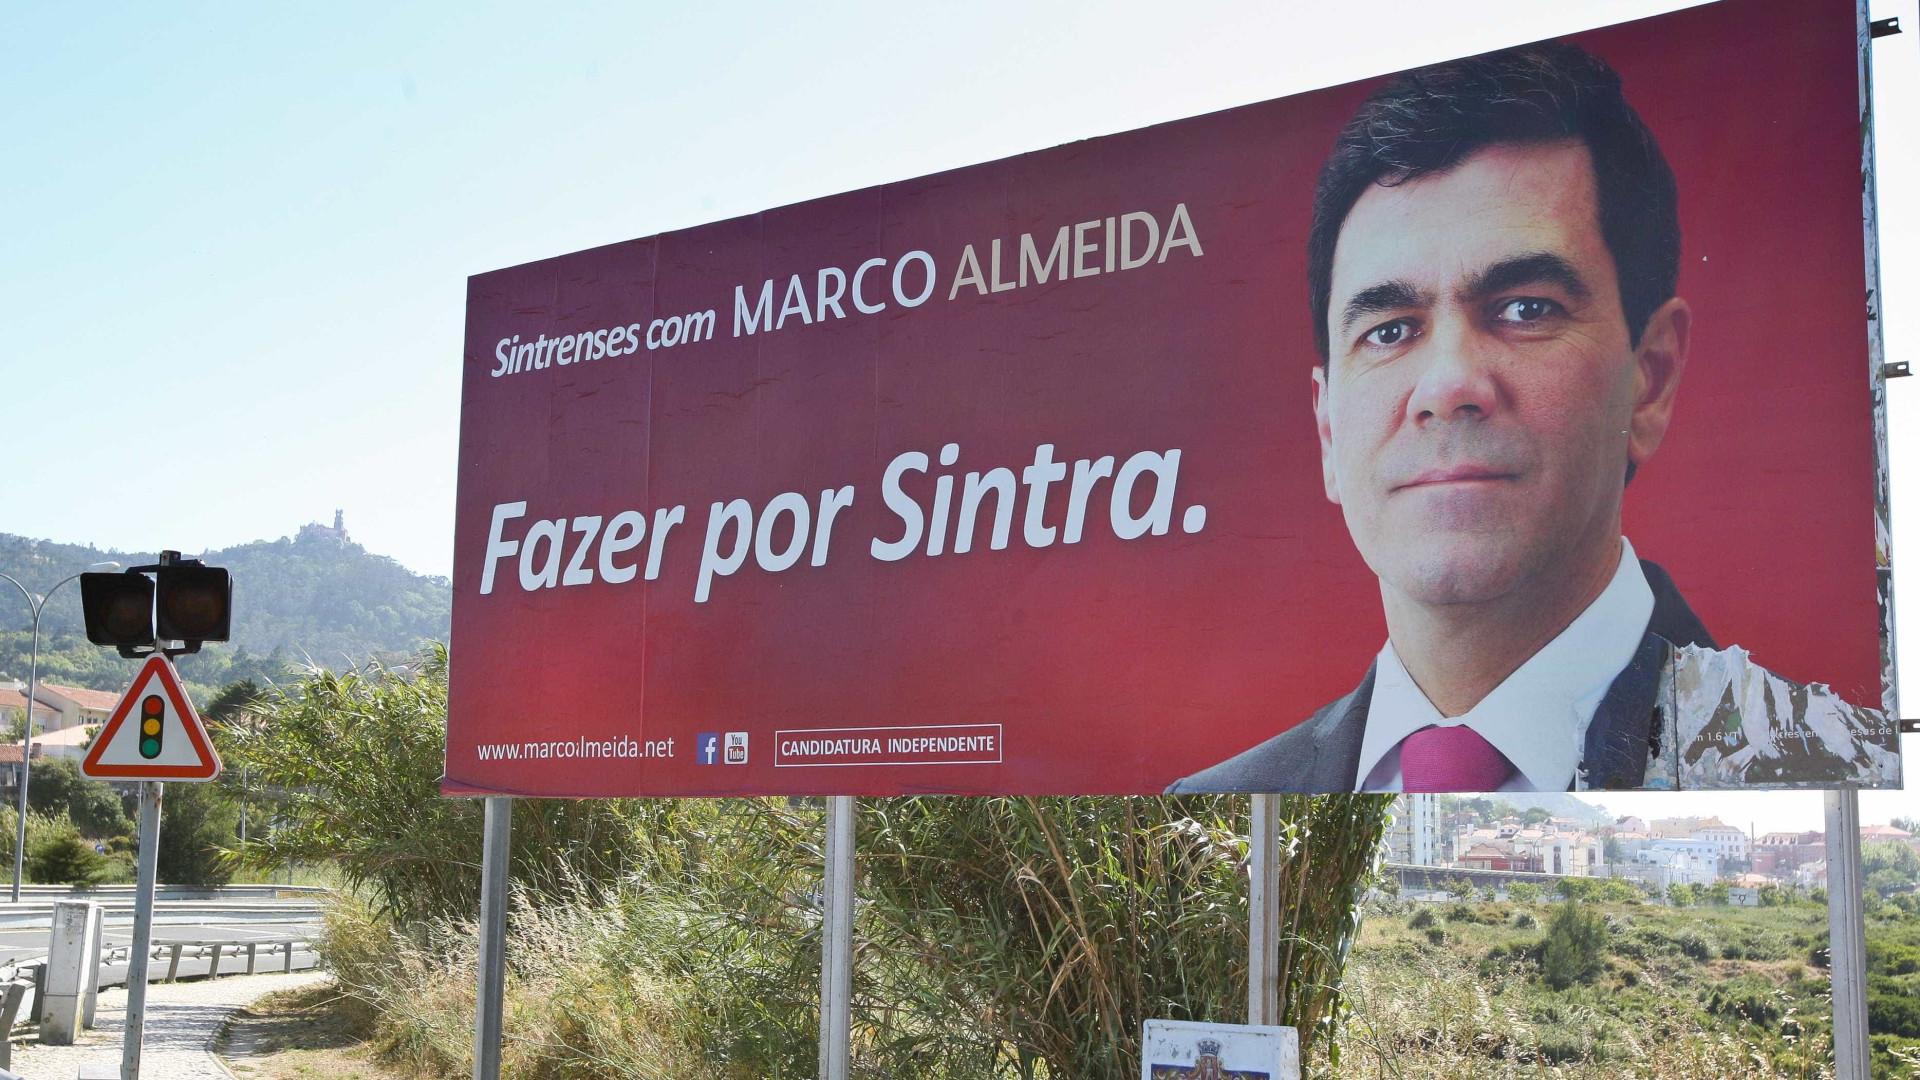 Independente Marco Almeida recandidata-se a Sintra com apoio do PSD